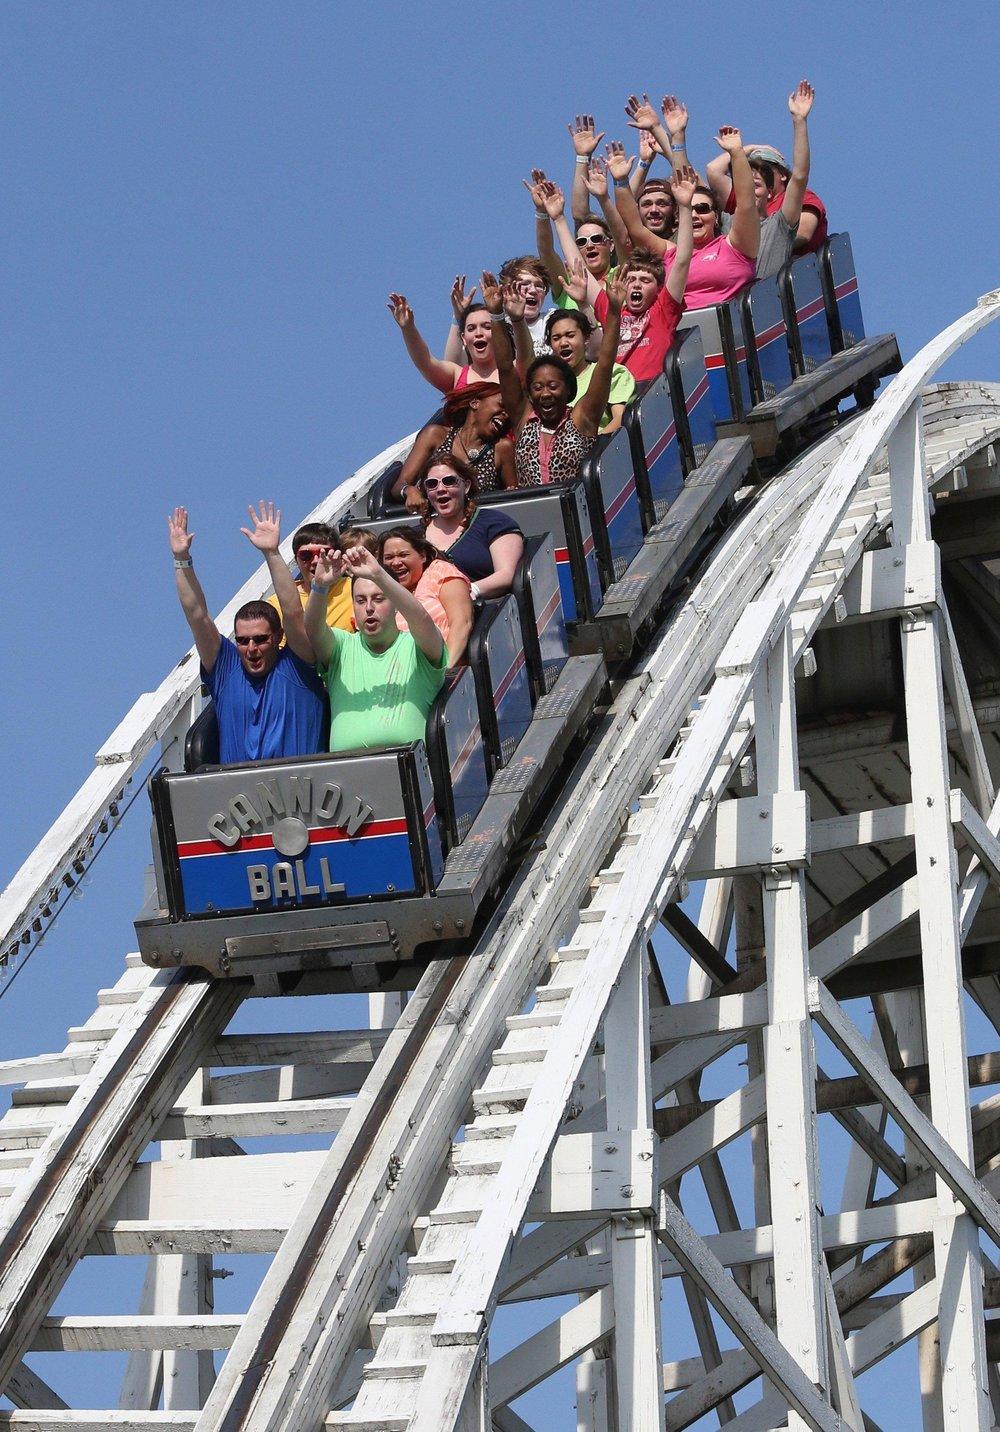 140415-140415-rollercoaster-1641_cfad45c2389f5b5db9c3563e6af864bd.jpg